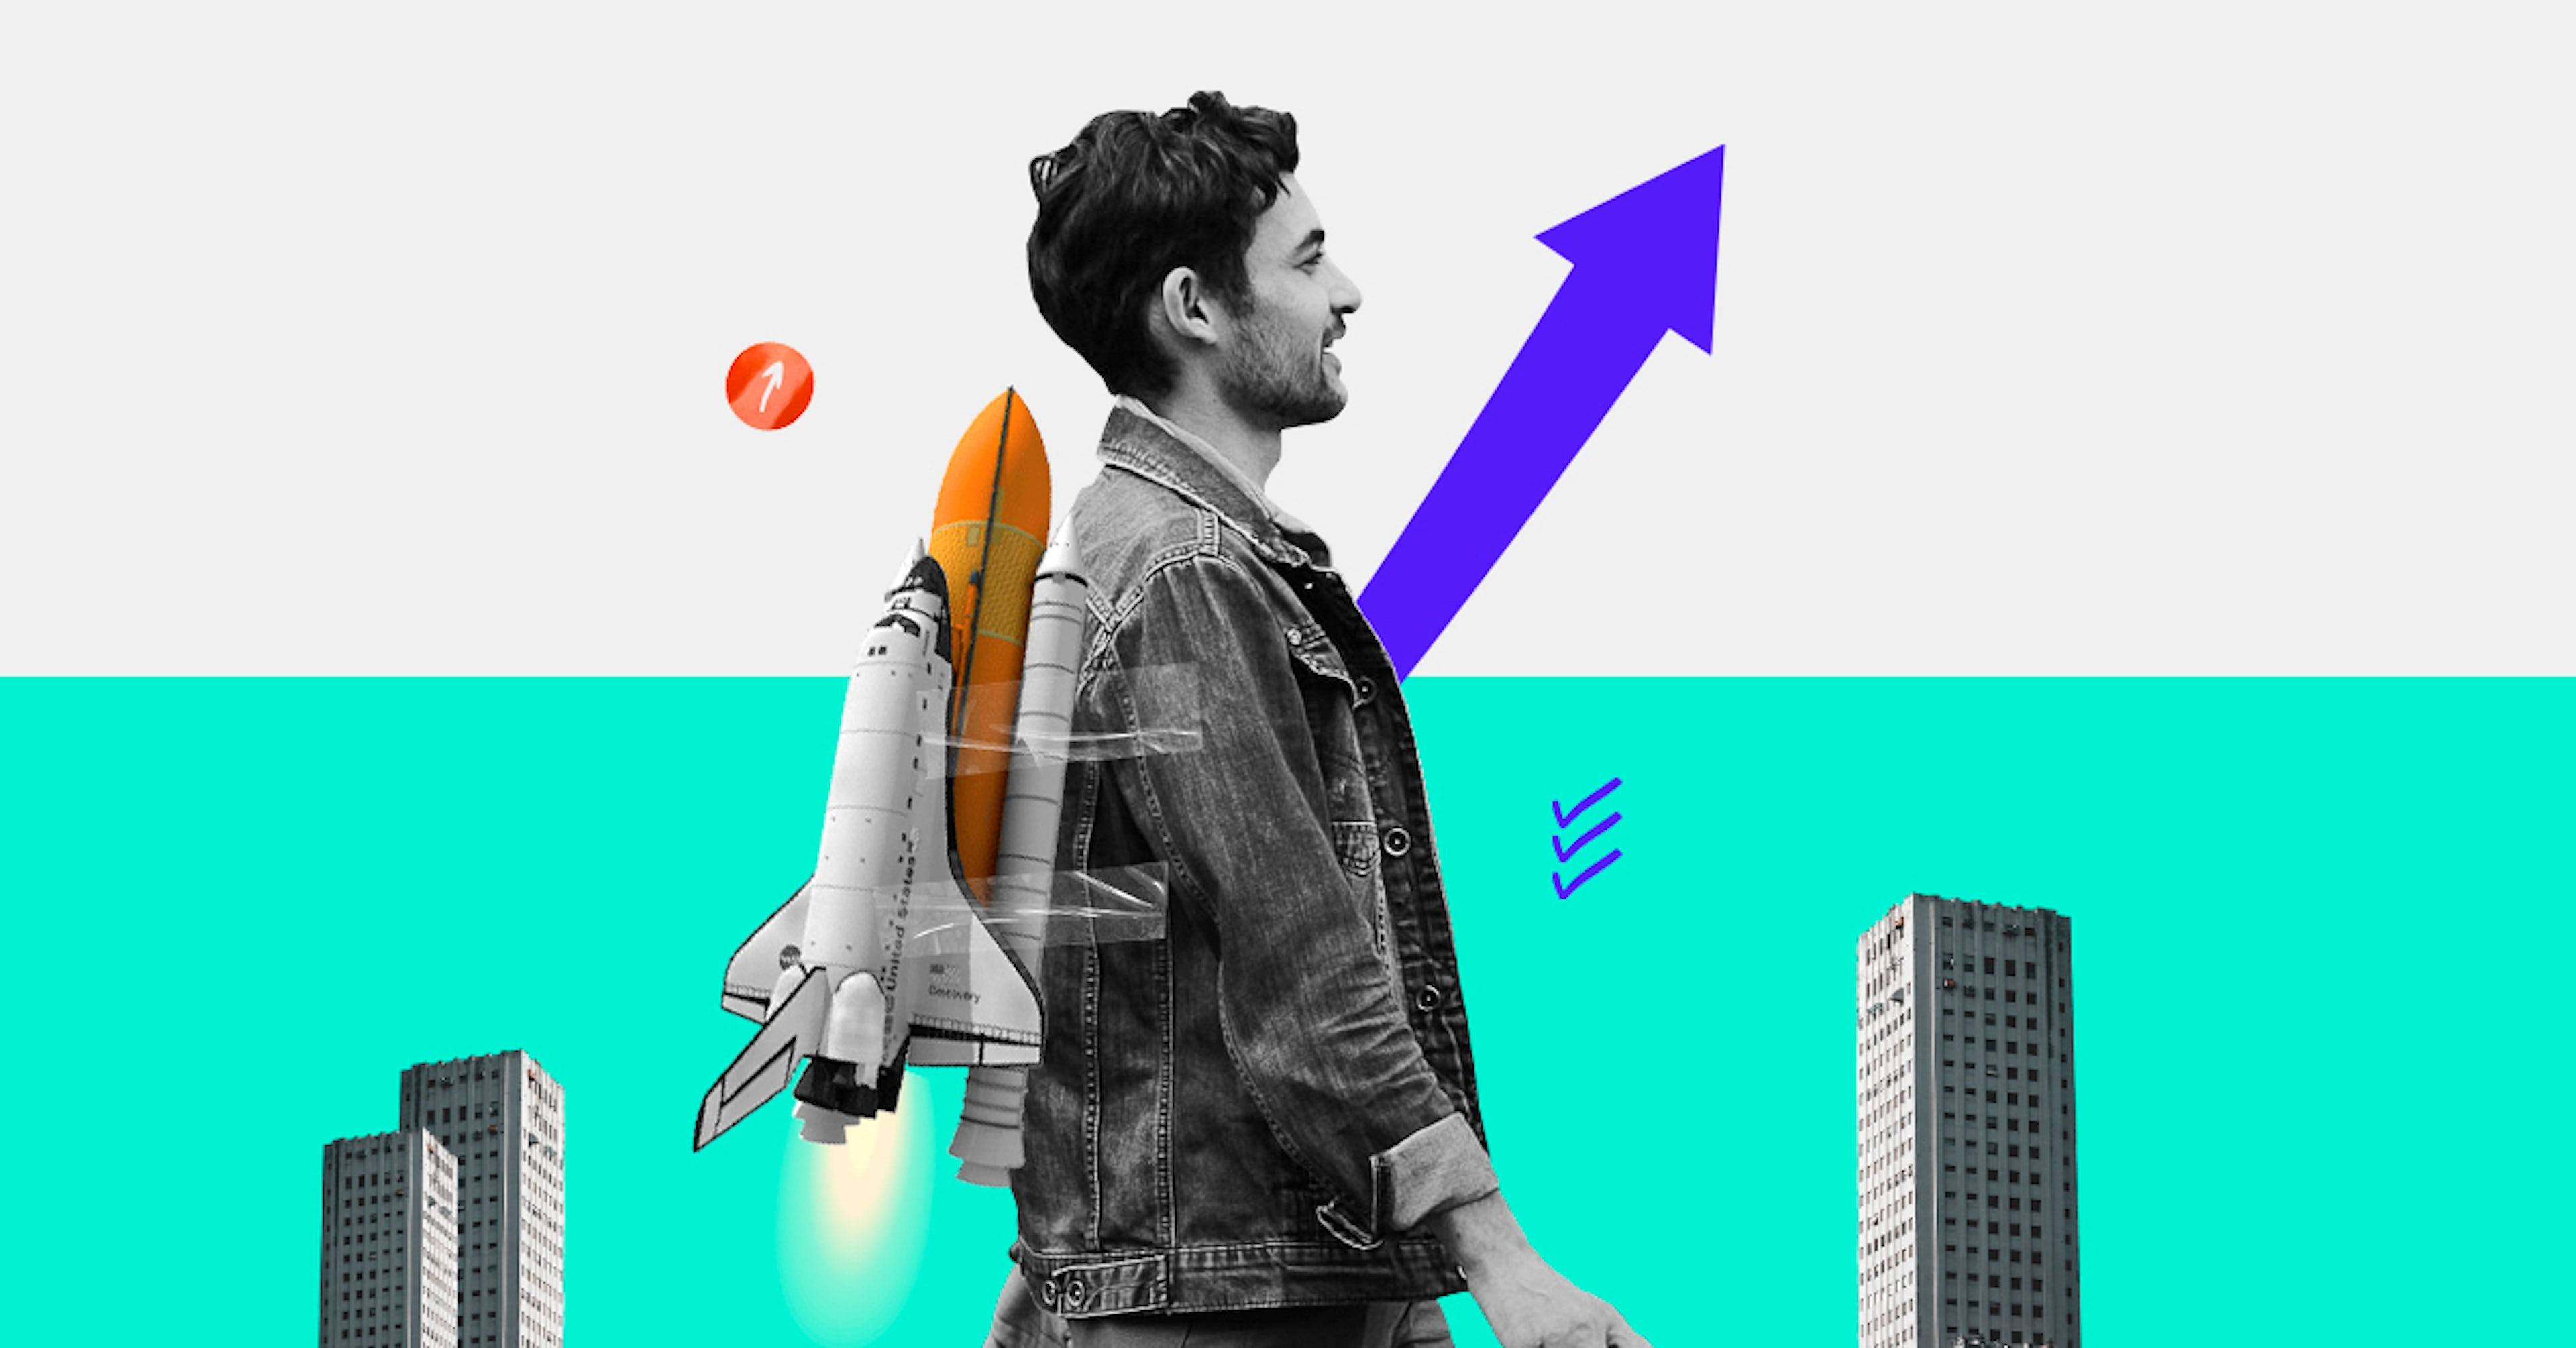 6 maneras de impulsar tu carrera sin tener que esperar un ascenso